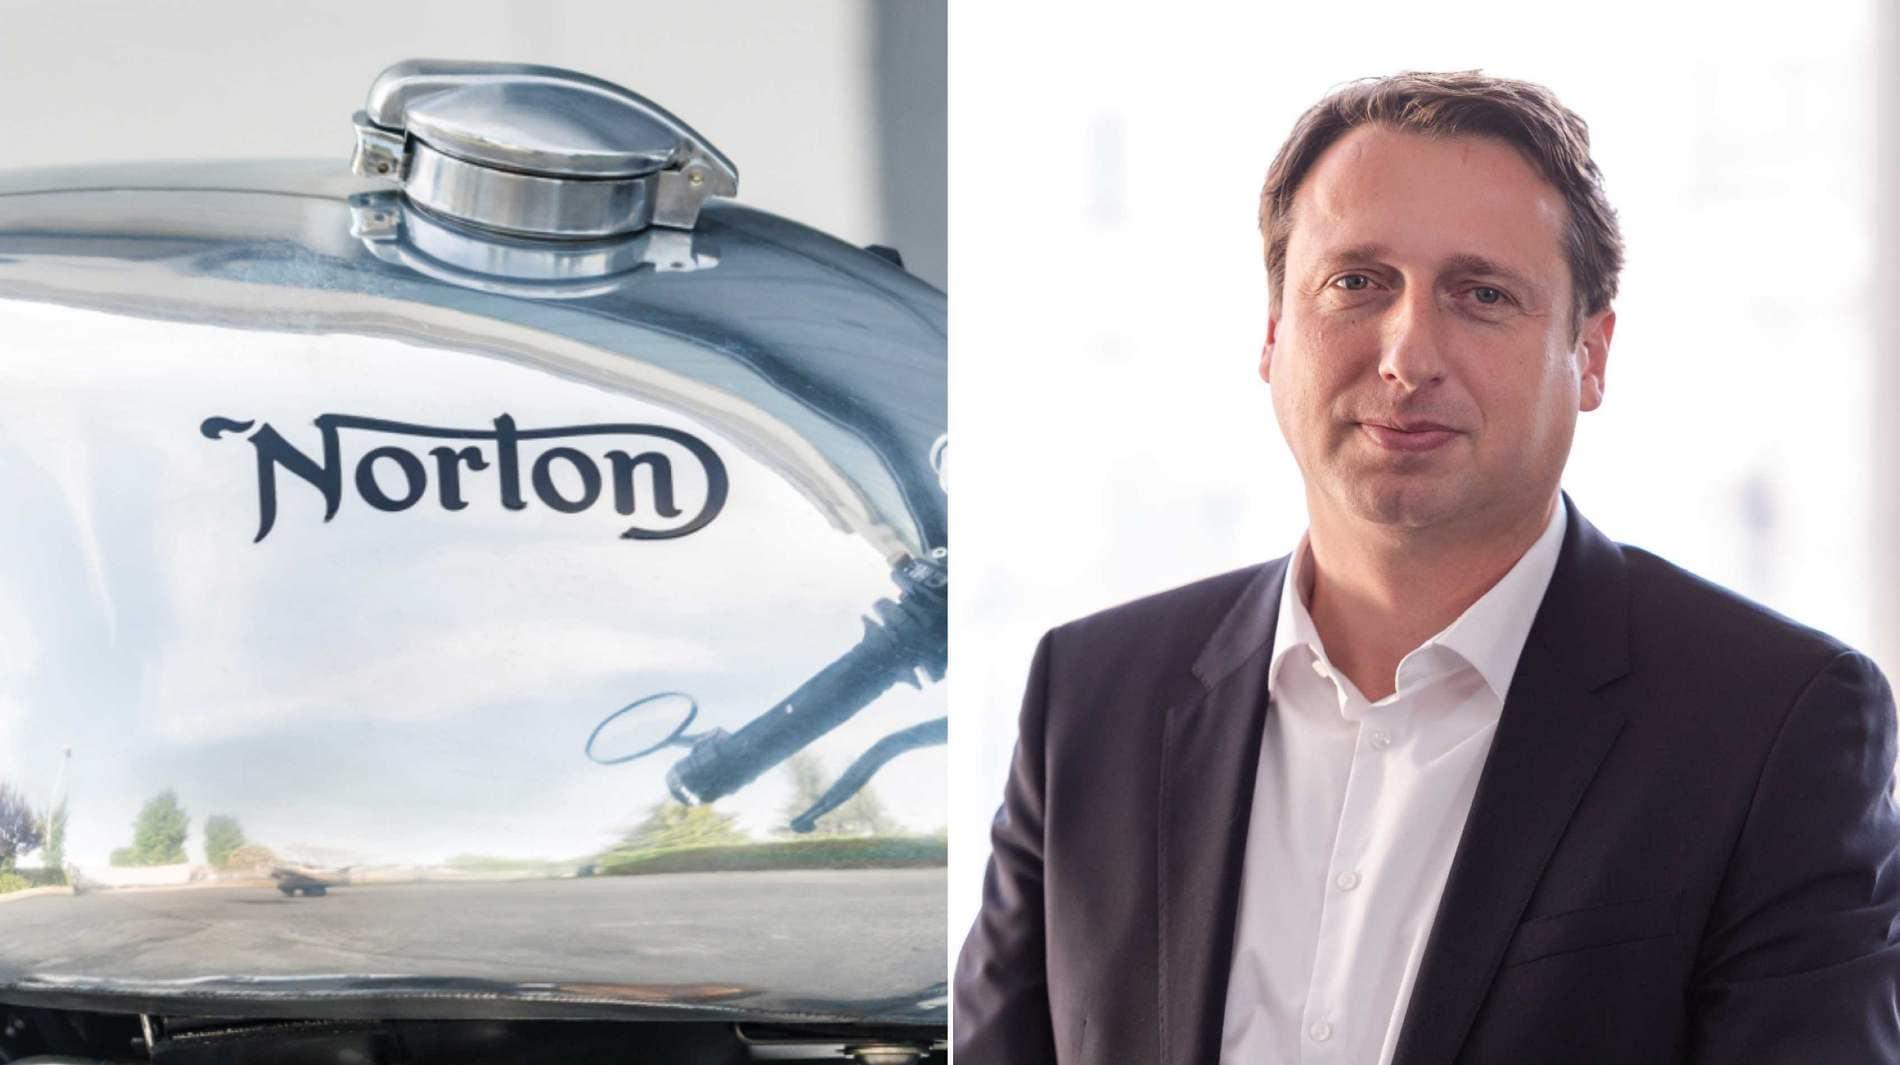 Hentschel rejoint Norton après avoir quitté Valmet Automotive Holding où il occupait le poste de directeur général depuis 2017. Image: TVS